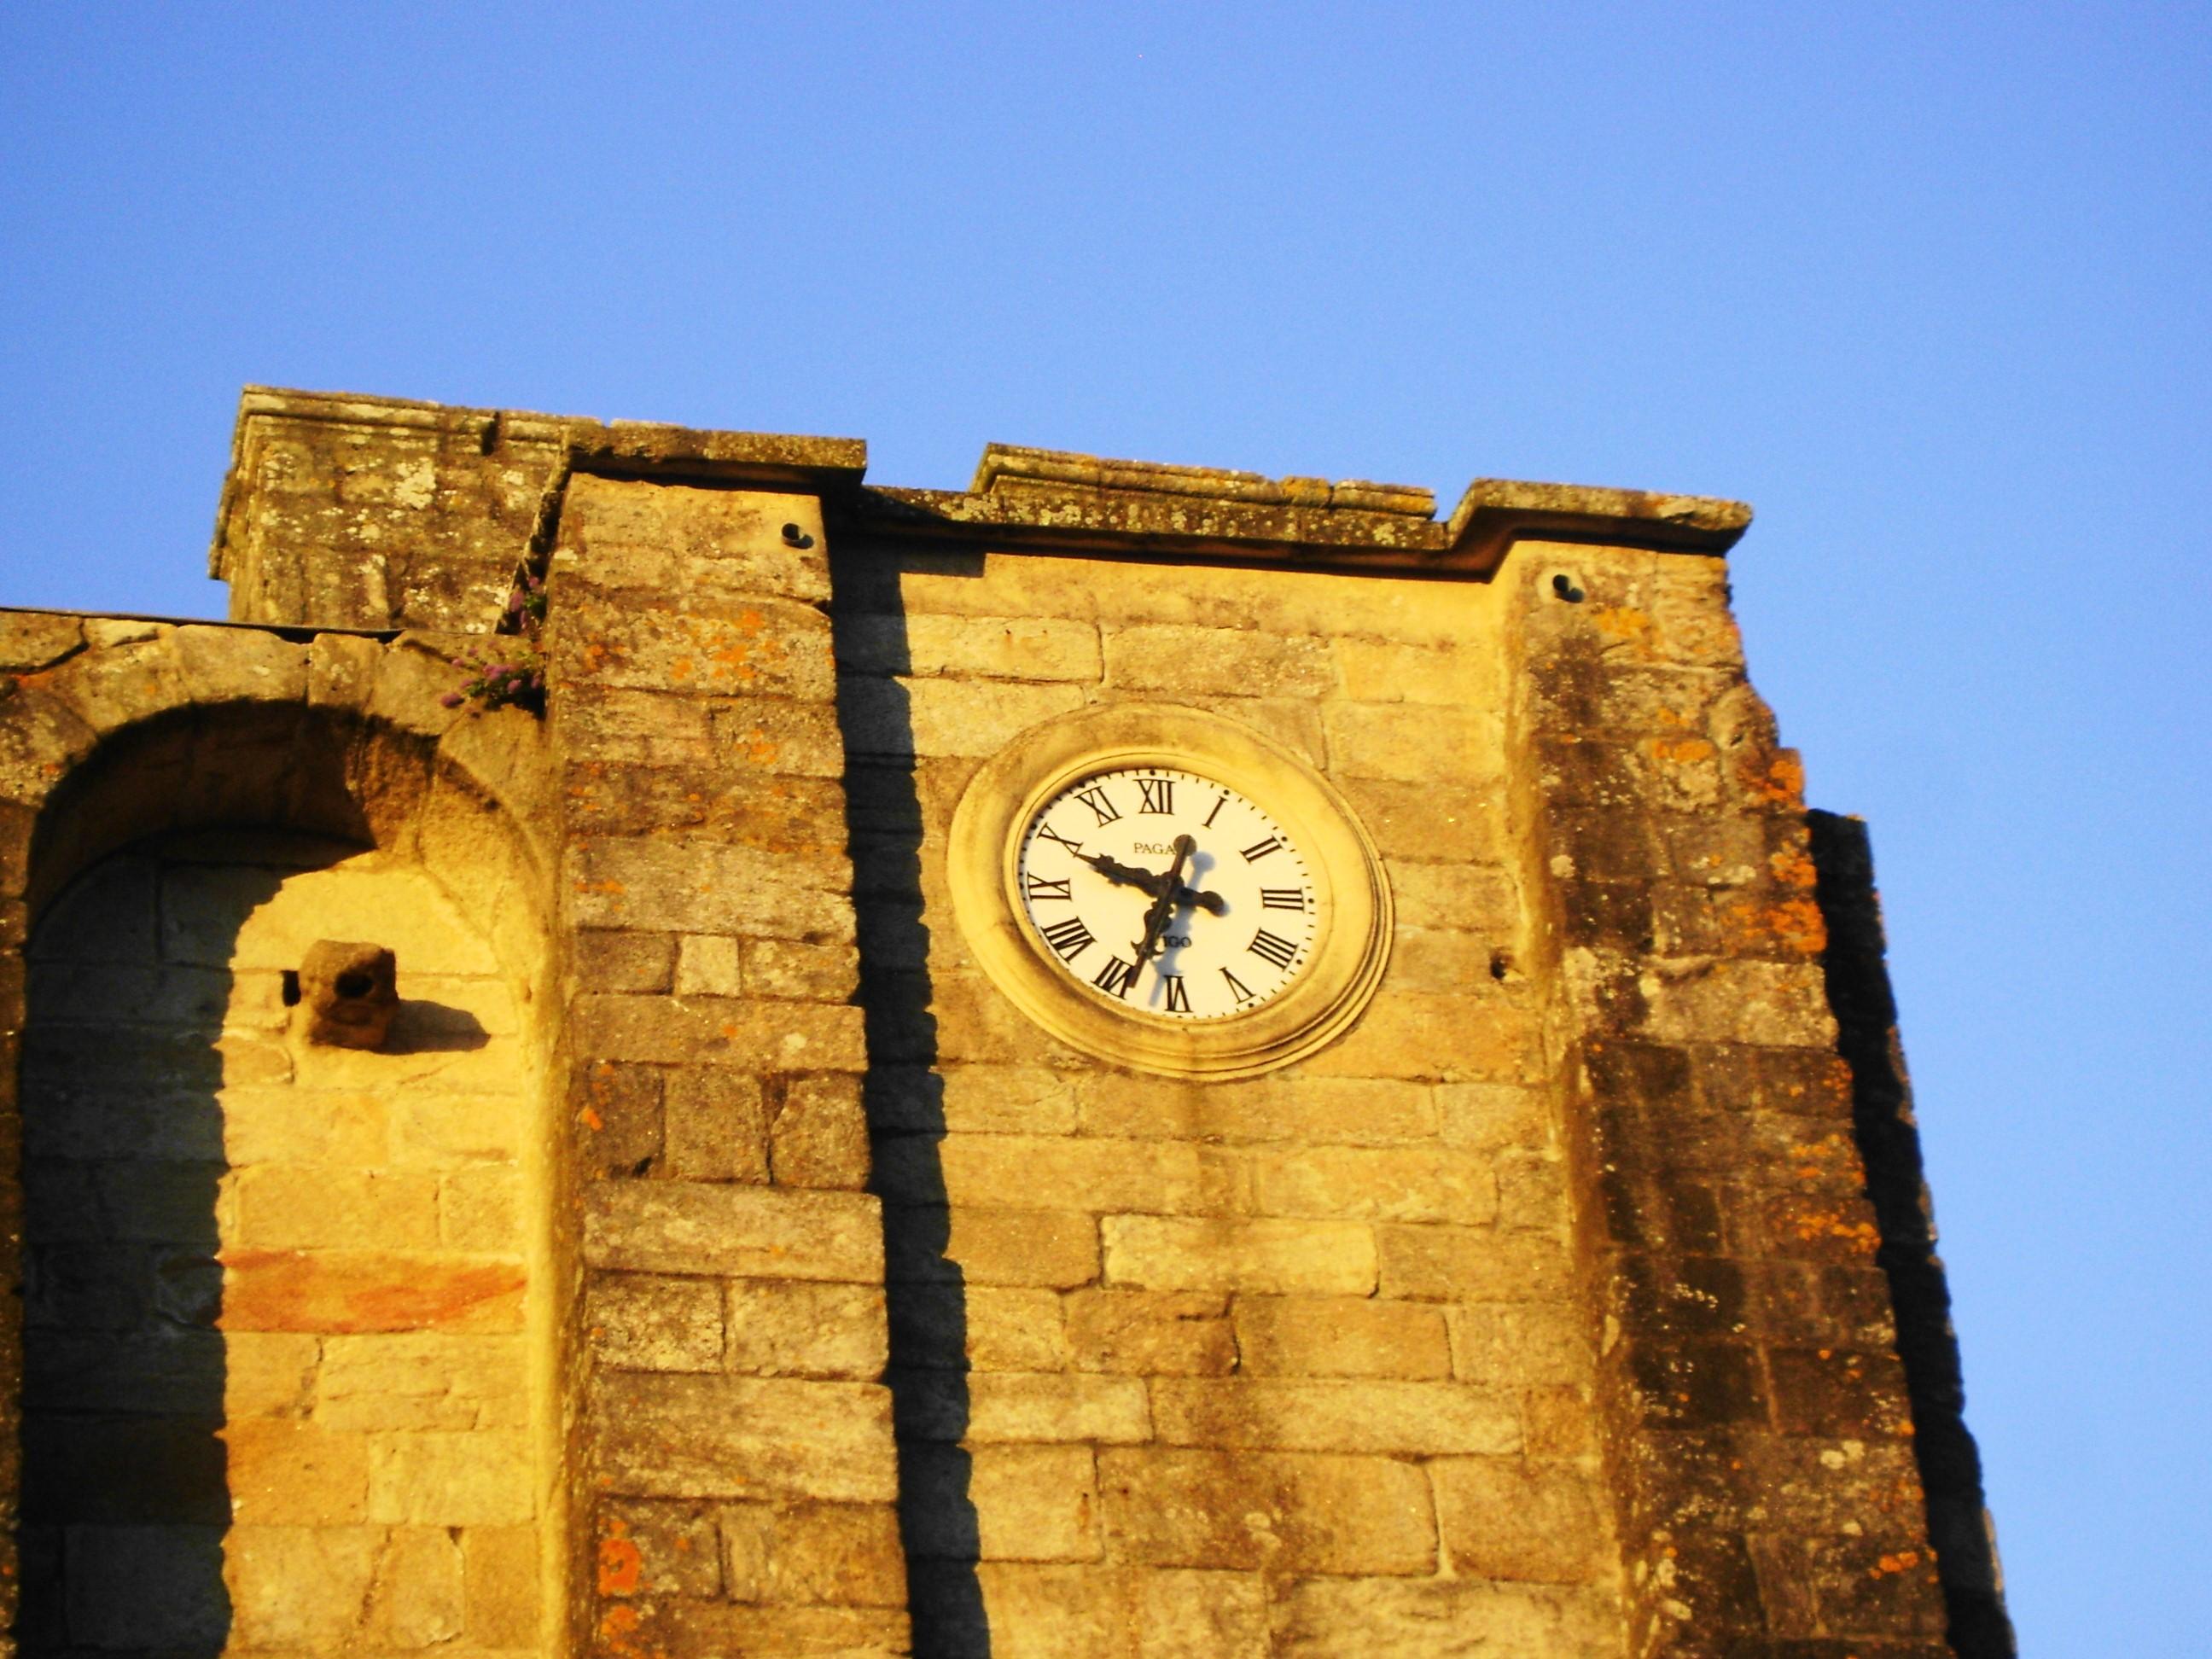 La torre inacabada de la iglesia de San Martiño es fuente de antiaguas leyendas y mitos |©Paula Martínez Graña